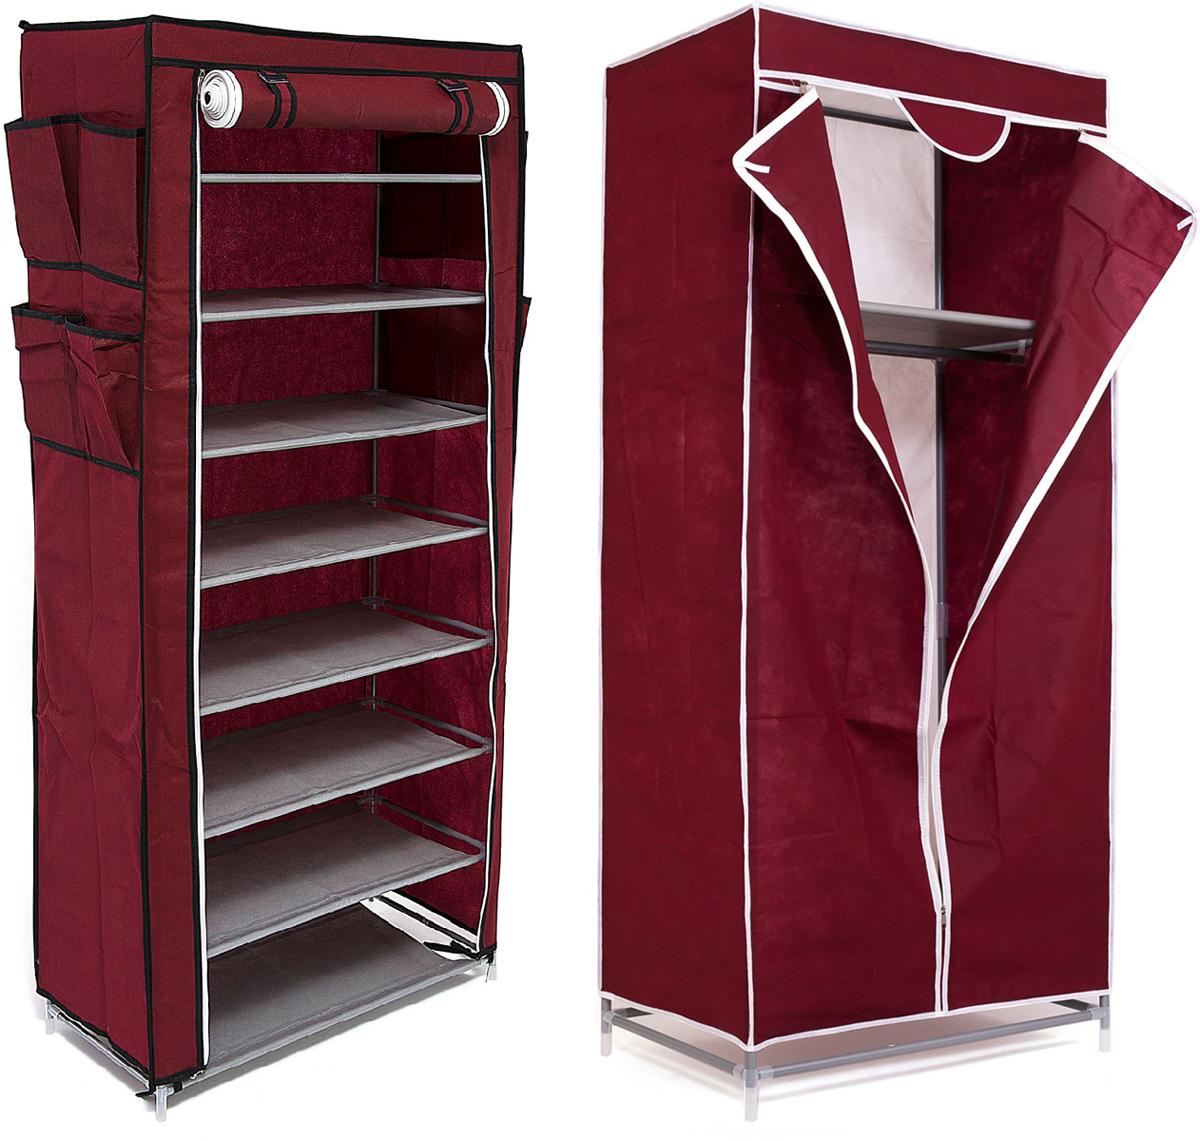 Набор кофров для хранения Homsu, цвет: бордовый, 2 предметаDEN-58Уникальный дизайн этого комплекта станет настоящим украшением для любого интерьера. Практичная составляющая подобной мебели также вне сомнений. Лёгкие и прочные устойчивые конструкции из каркасов и тканевой обивки могут быть легко собраны вами без посторонней помощи, буквально за несколько минут. Такая мебель будет всегда удобной и максимально практичной, ведь верхнюю тканевую часть при надобности можно всегда постирать либо же попросту поменять на аналогичную другого цвета. Кроме того, такие конструкции всегда будут отличным решением для того, кому по душе мобильность и постоянная смена обстановки. 680х450х1550; 600х300х1360